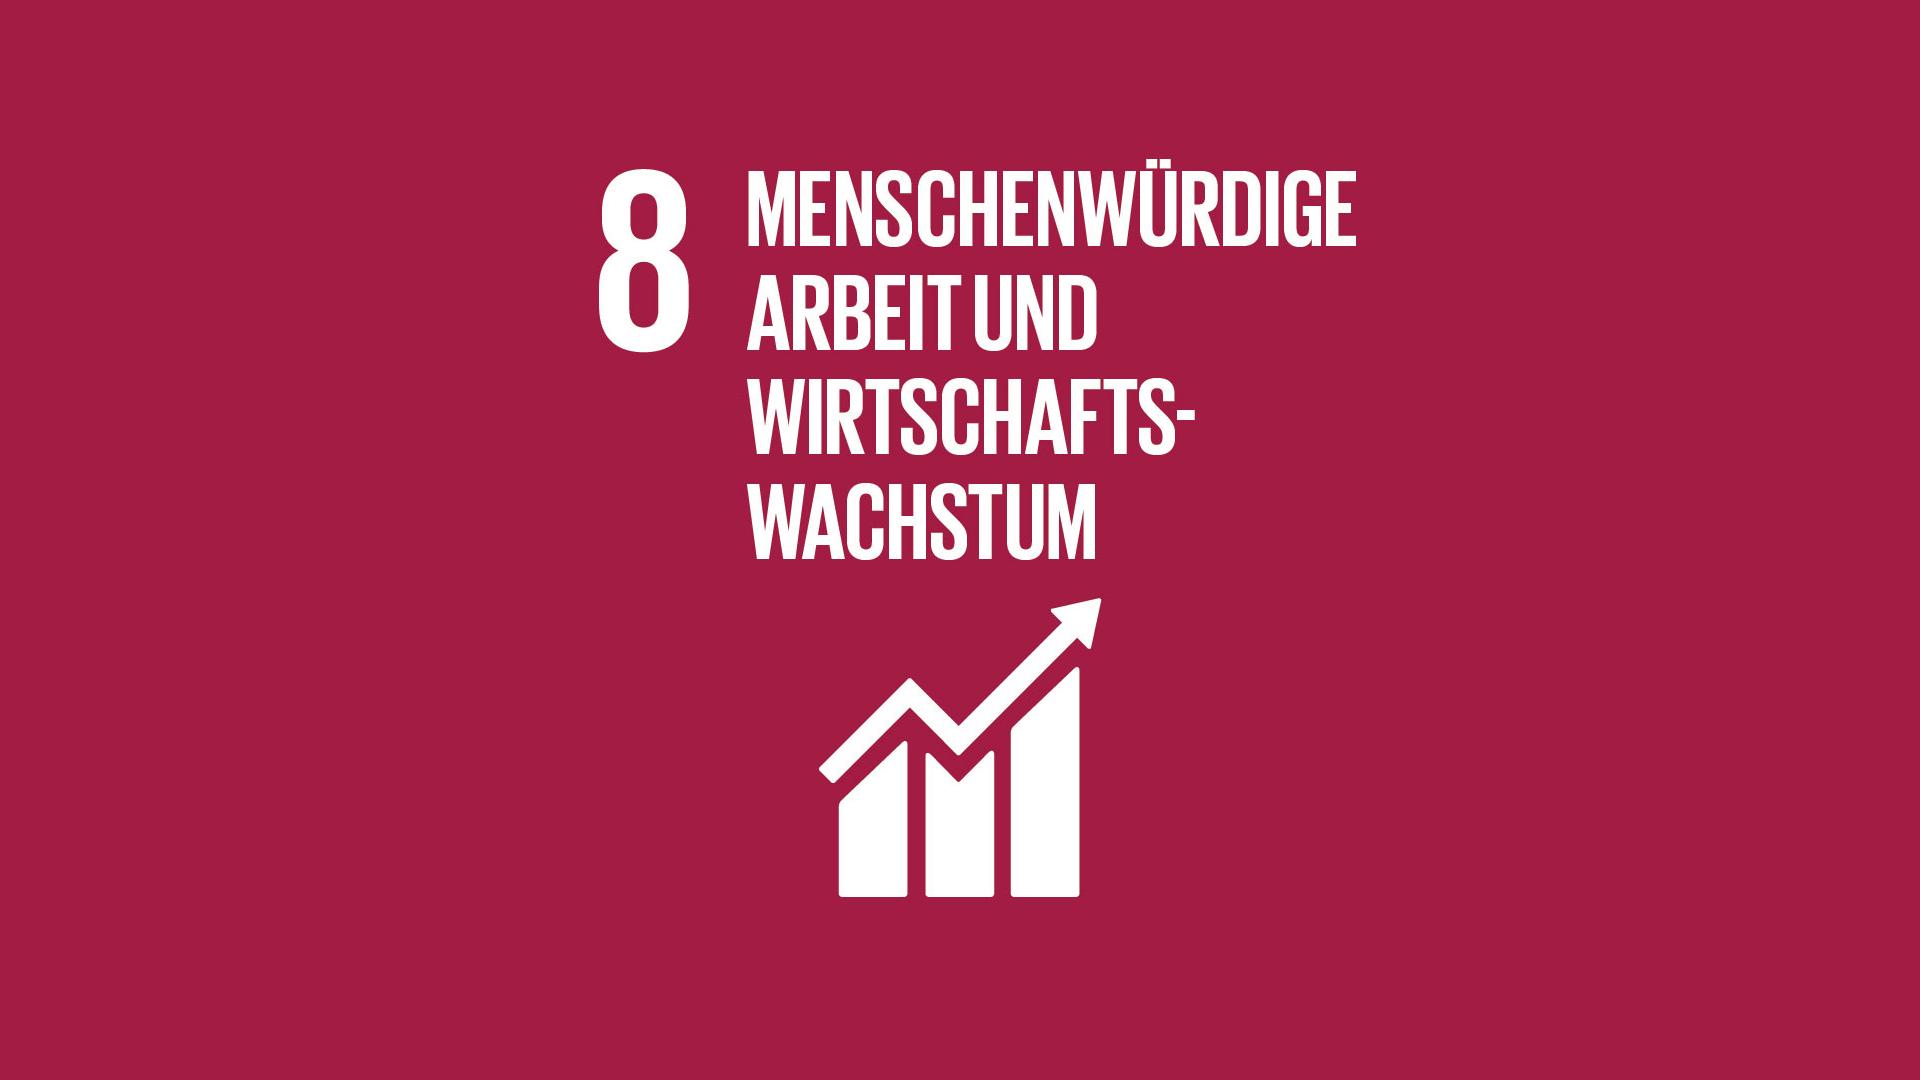 SDG 8: Menschenwürdige Arbeit und Wirtschaftswachstum